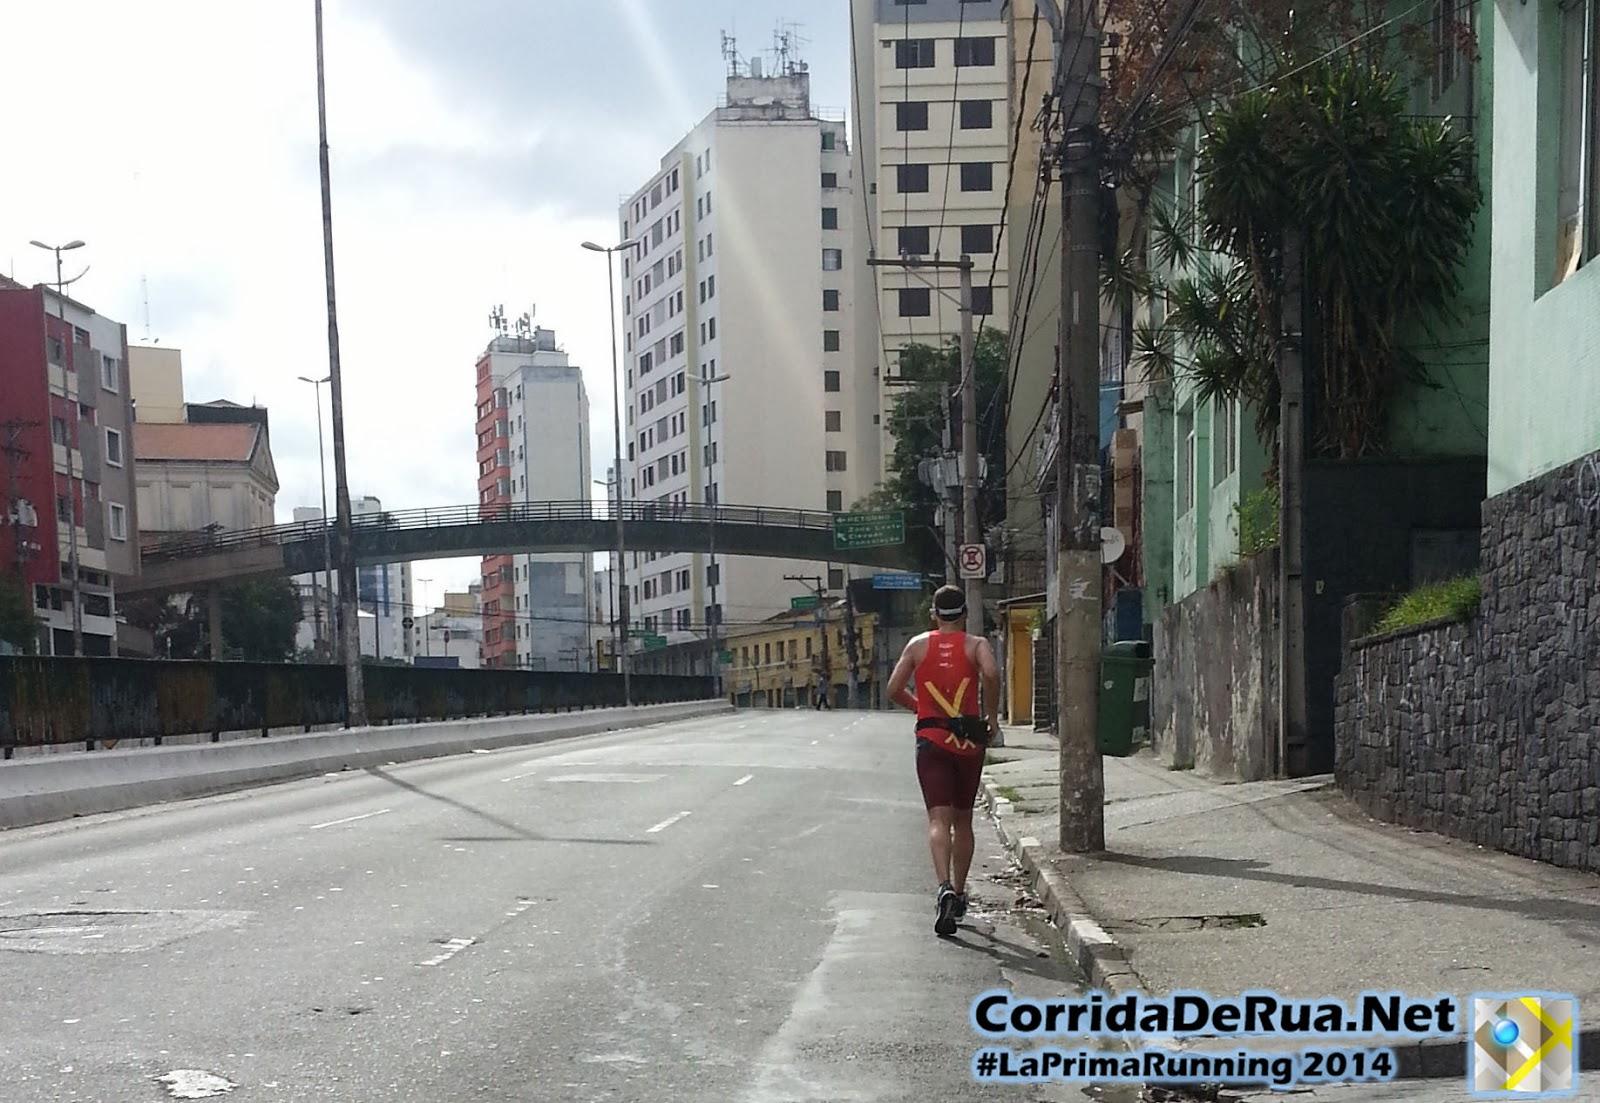 Corredor na Av. Francisco Matarazzo indo em direção ao Elevado Costa e Silva (Minhocão) - Corrida De Rua